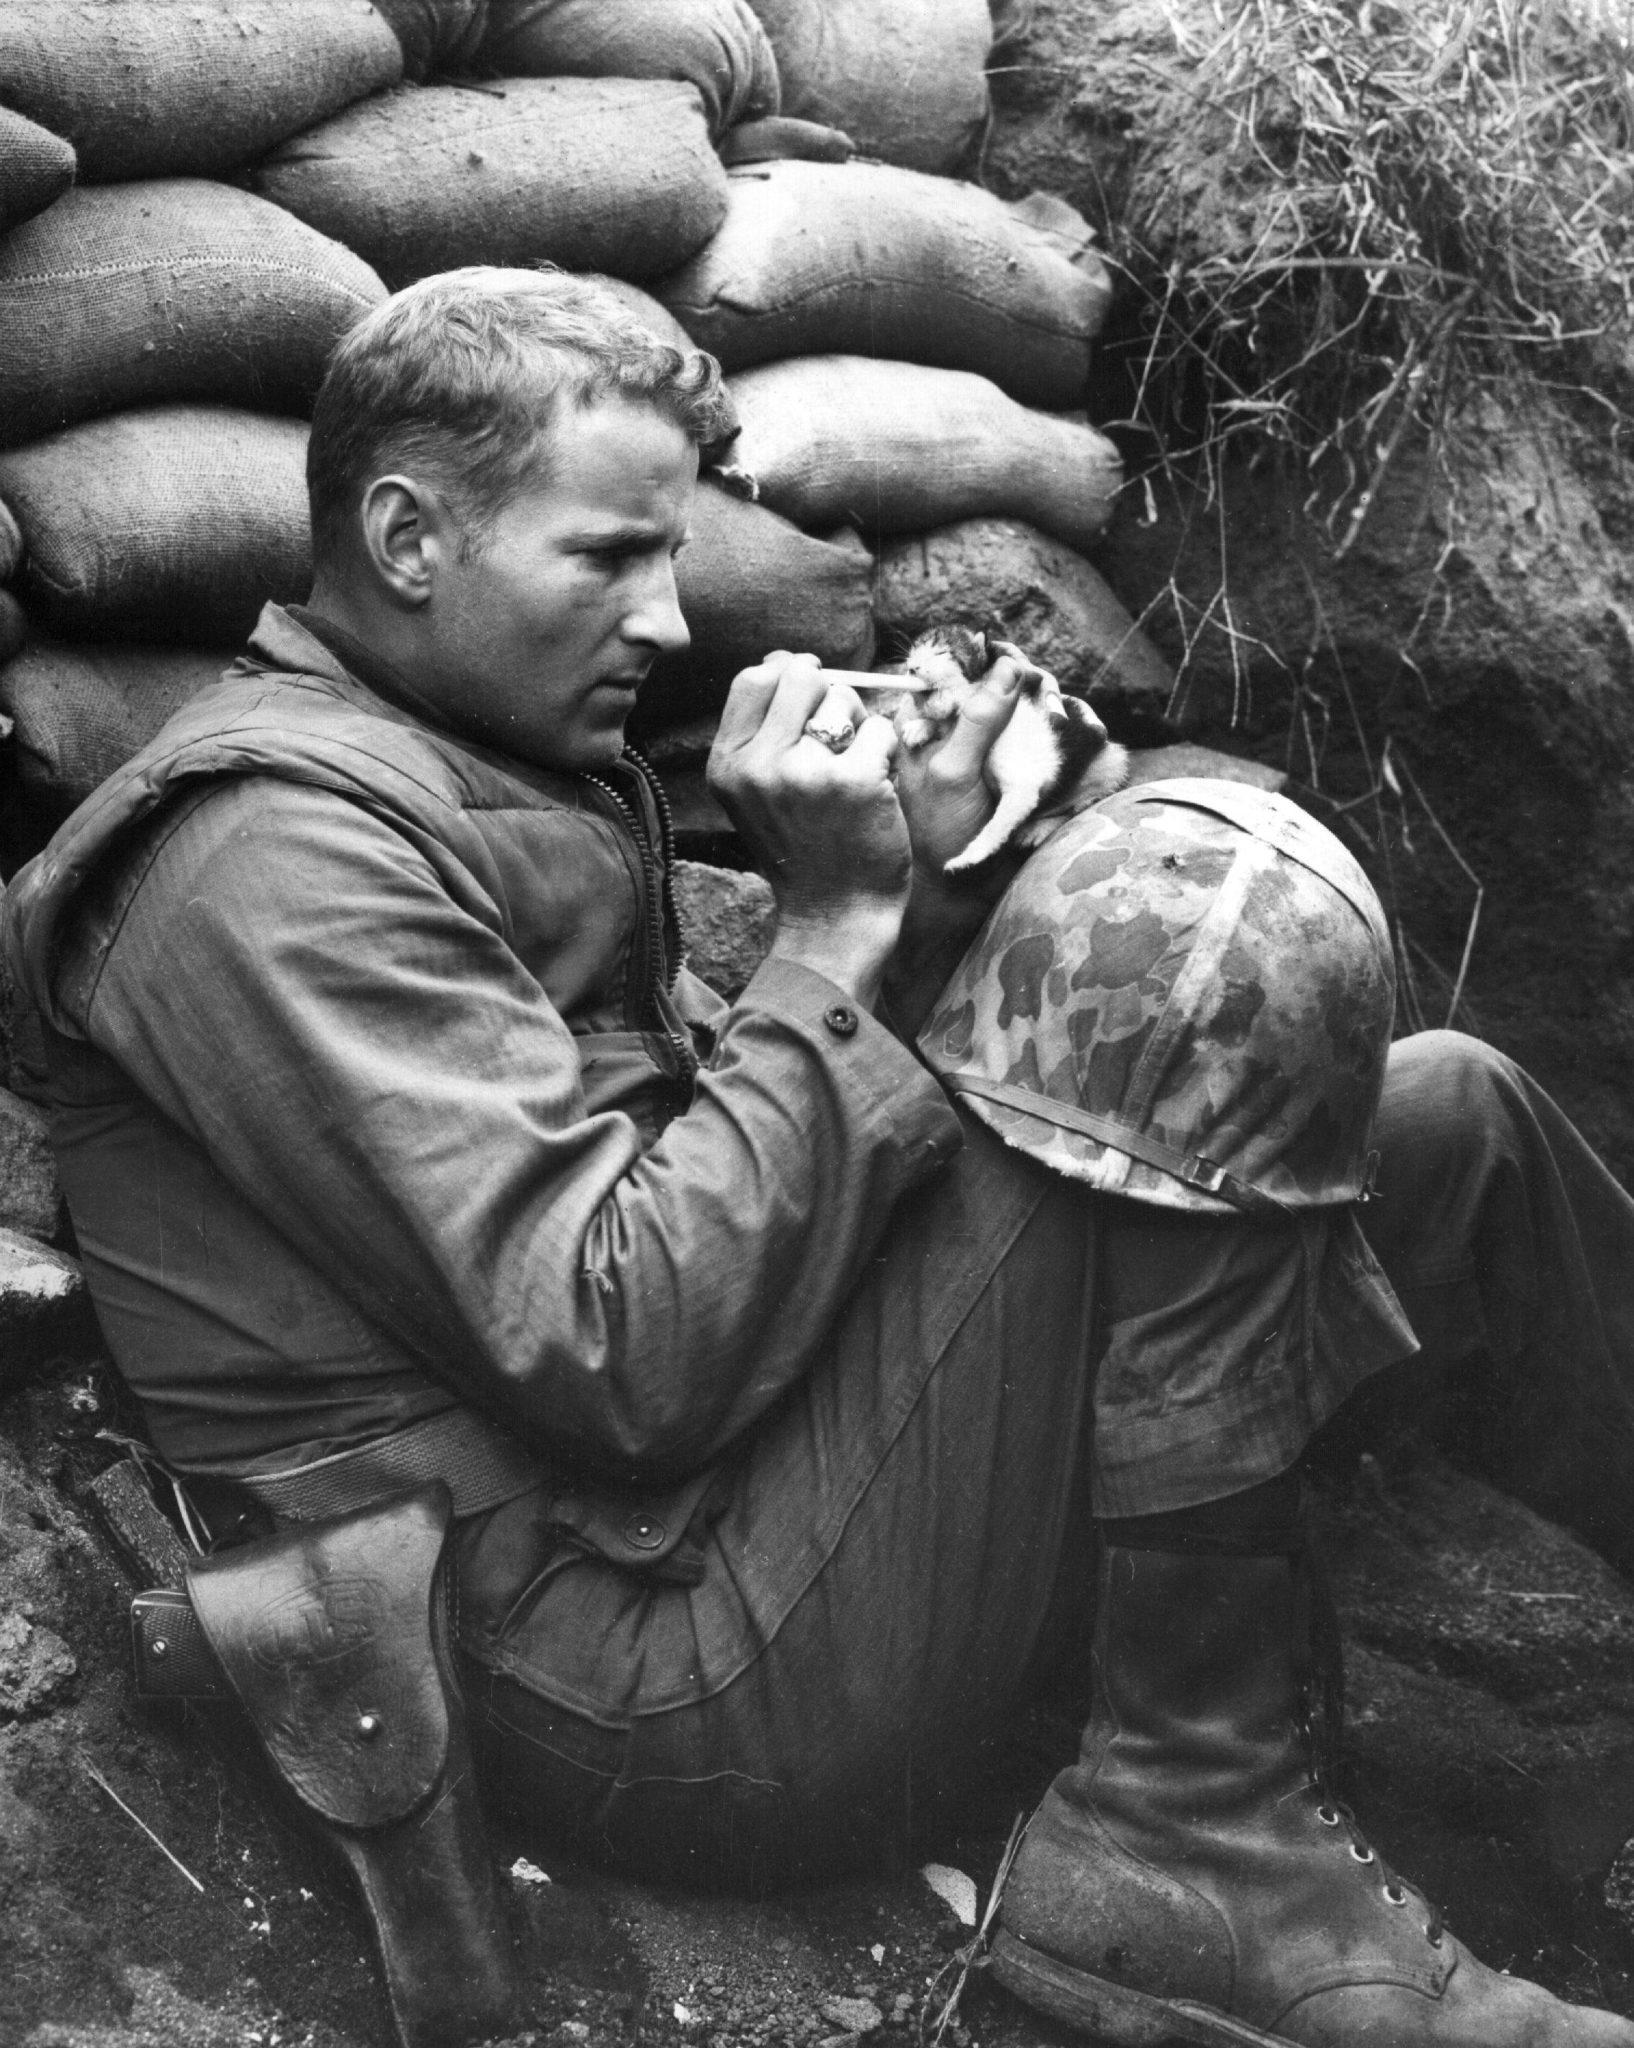 Soldato americano, Corea, 1952